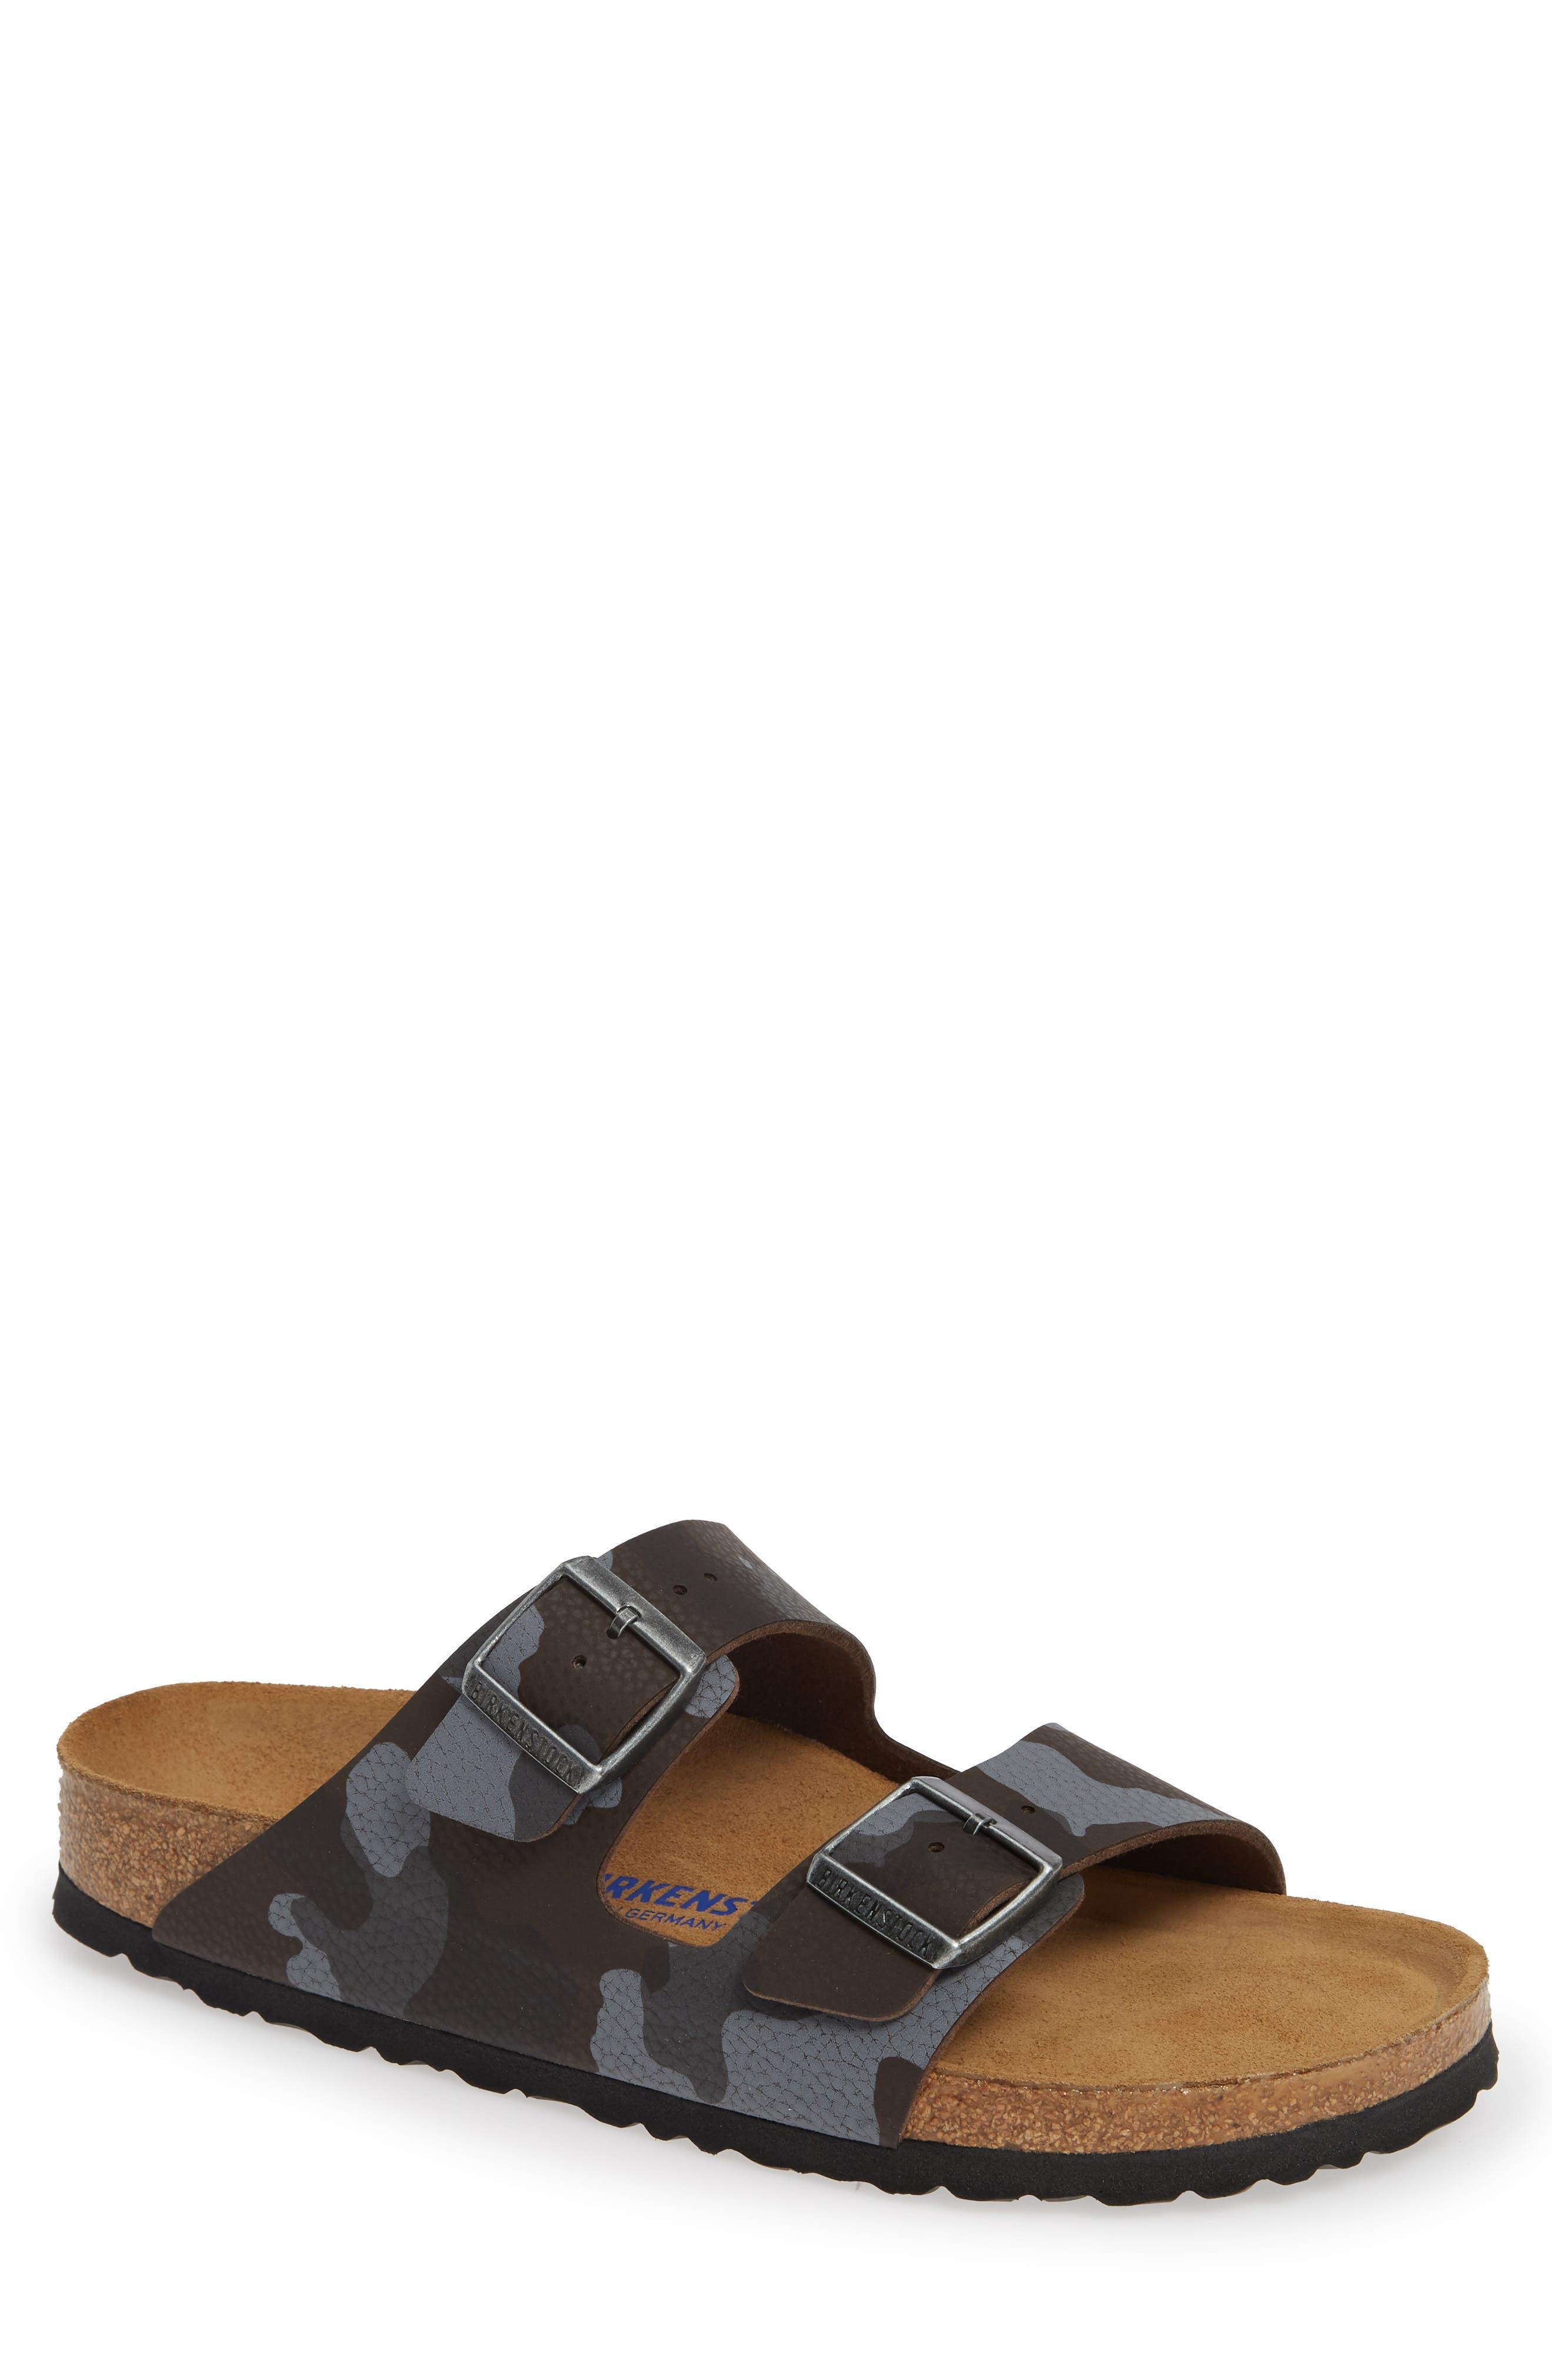 Arizona Soft Slide Sandal, Main, color, DESERT SOIL CAMO BROWN